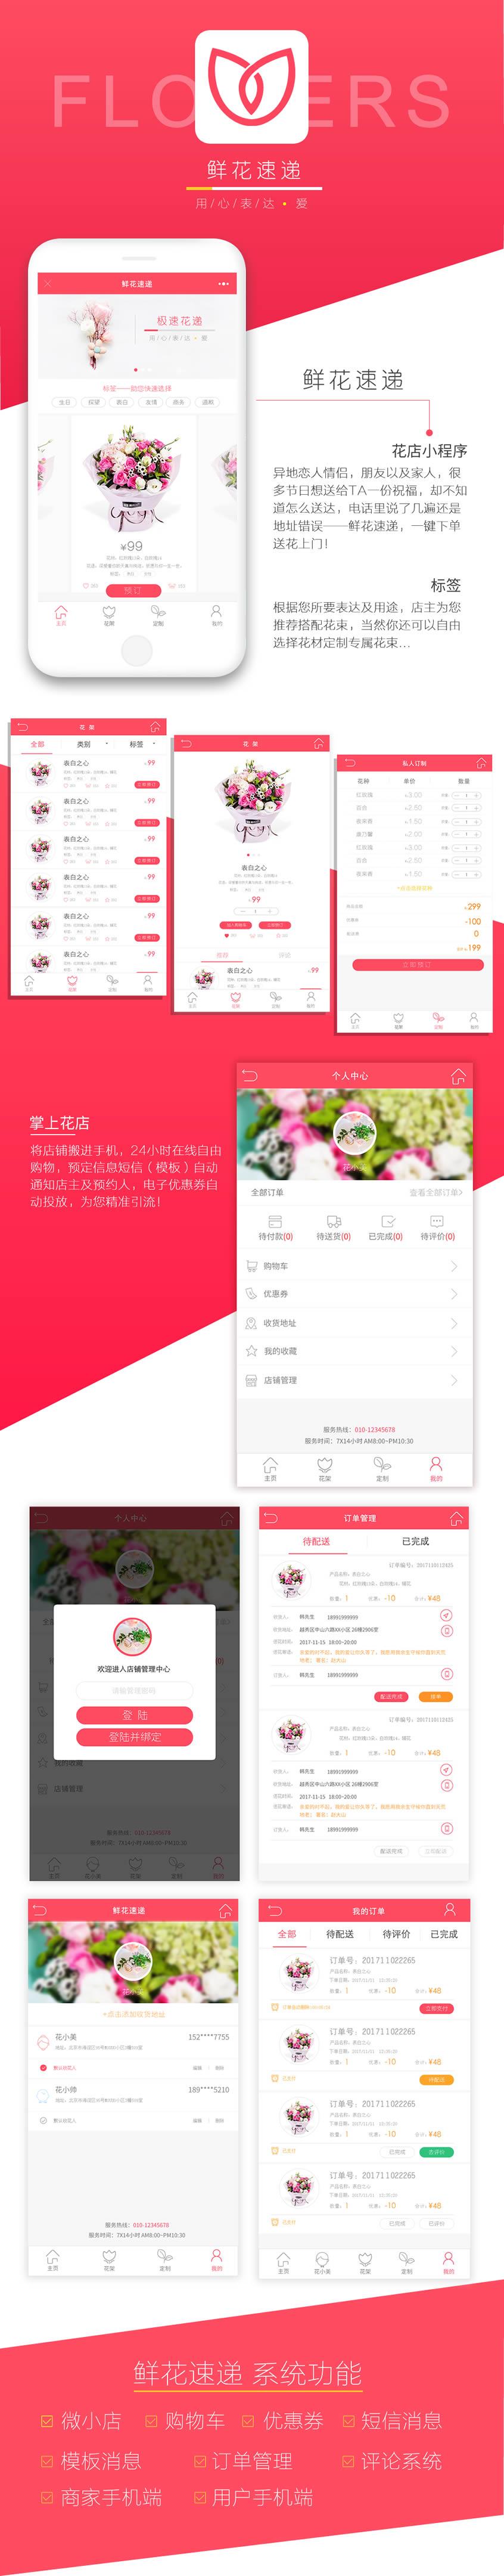 【功能模块】鲜花速递 xc_flower 版本号:1.5.2 – 运营版 修改用户信息授权(小程序需更新)插图(1)